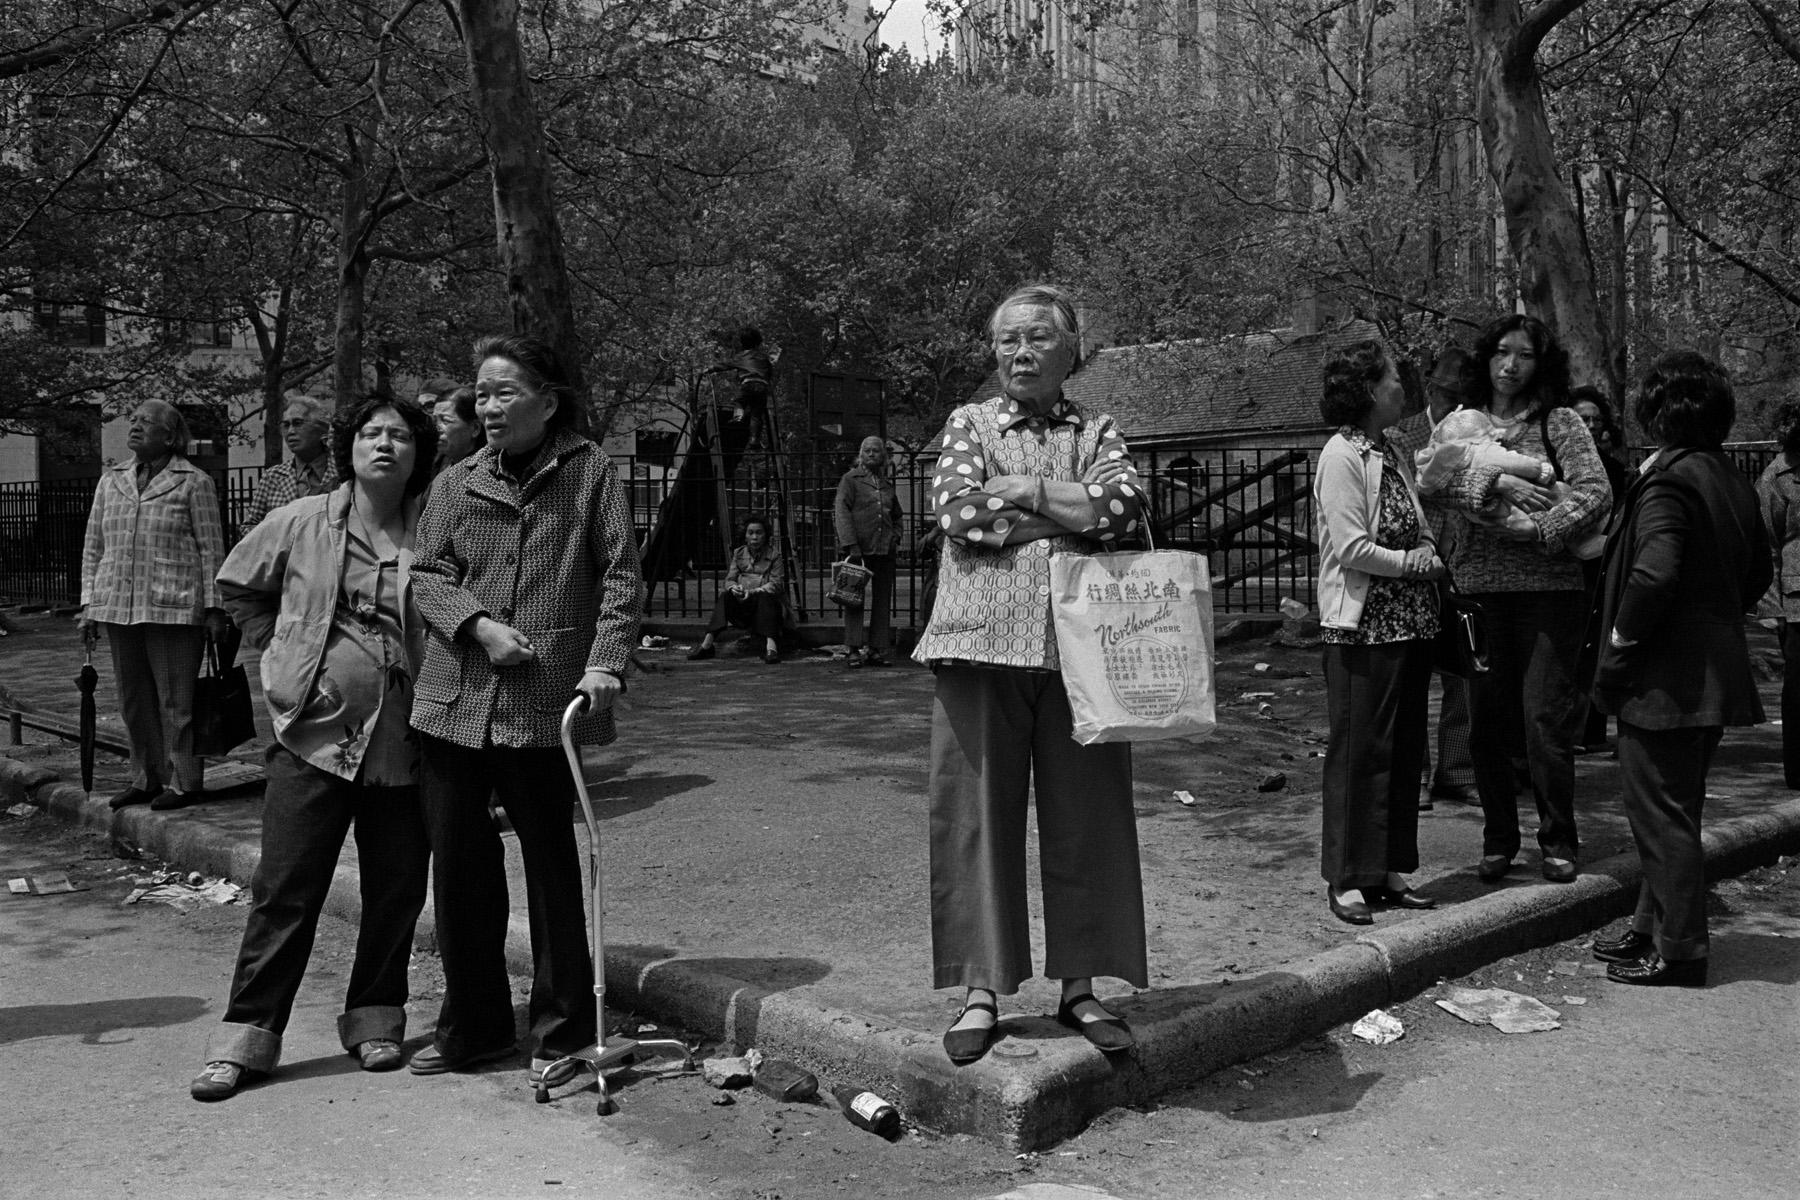 Columbus Park, New York Chinatown,1983